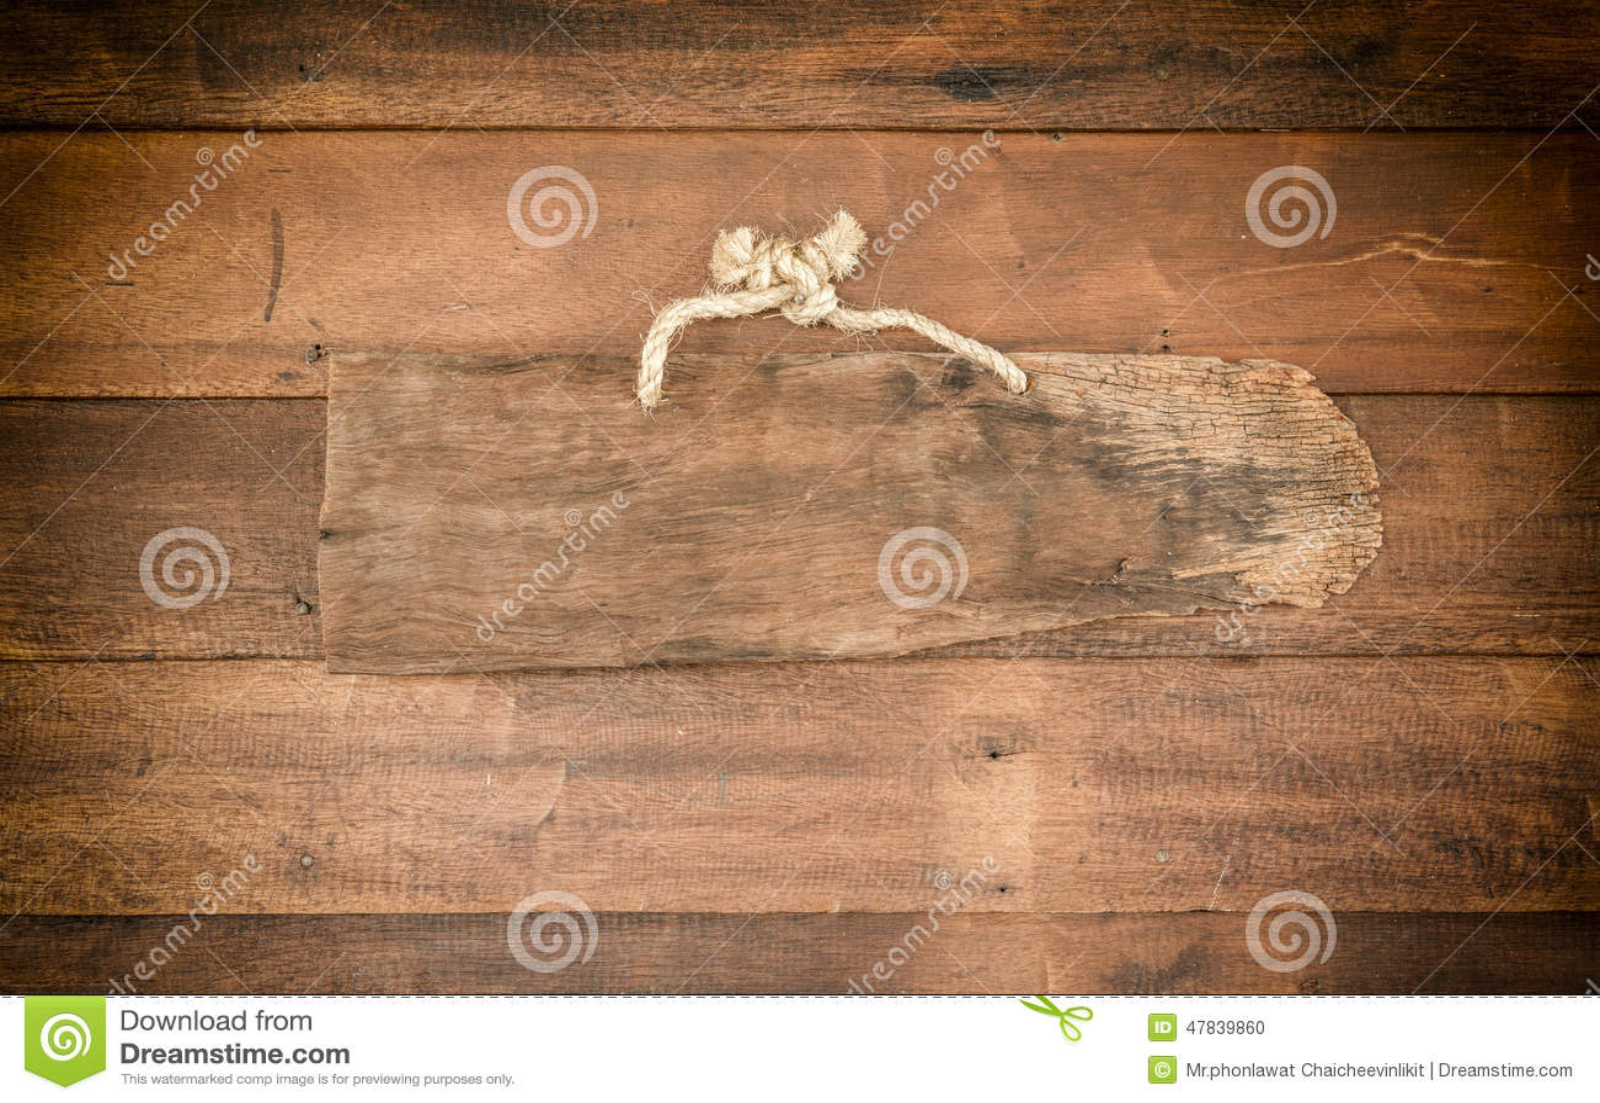 Drewniany sztandar